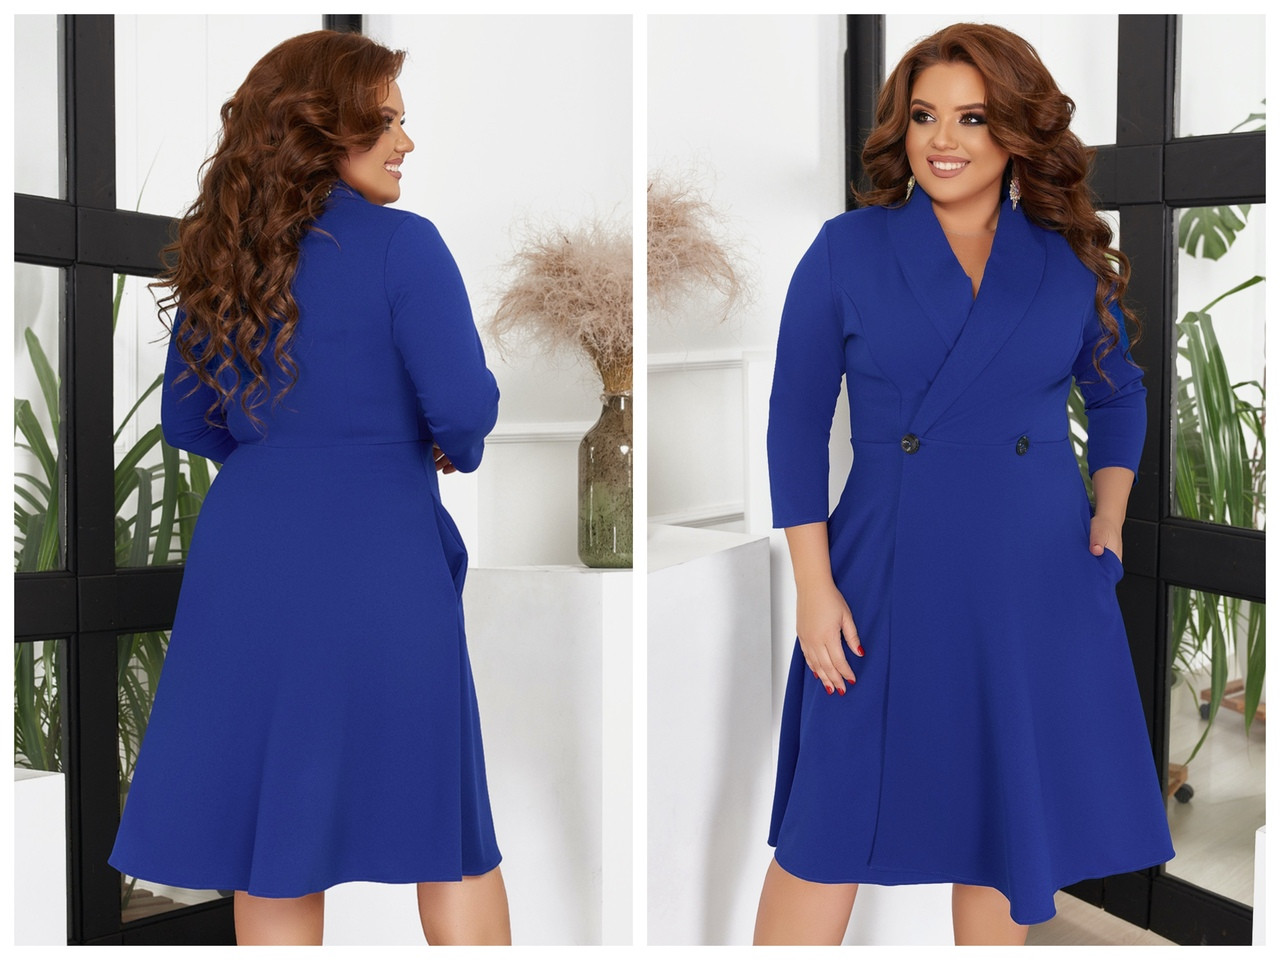 Женское платье большого размера на запах с пуговицами. Размеры:48/50,52/54,56/58,60/62  +Цвета